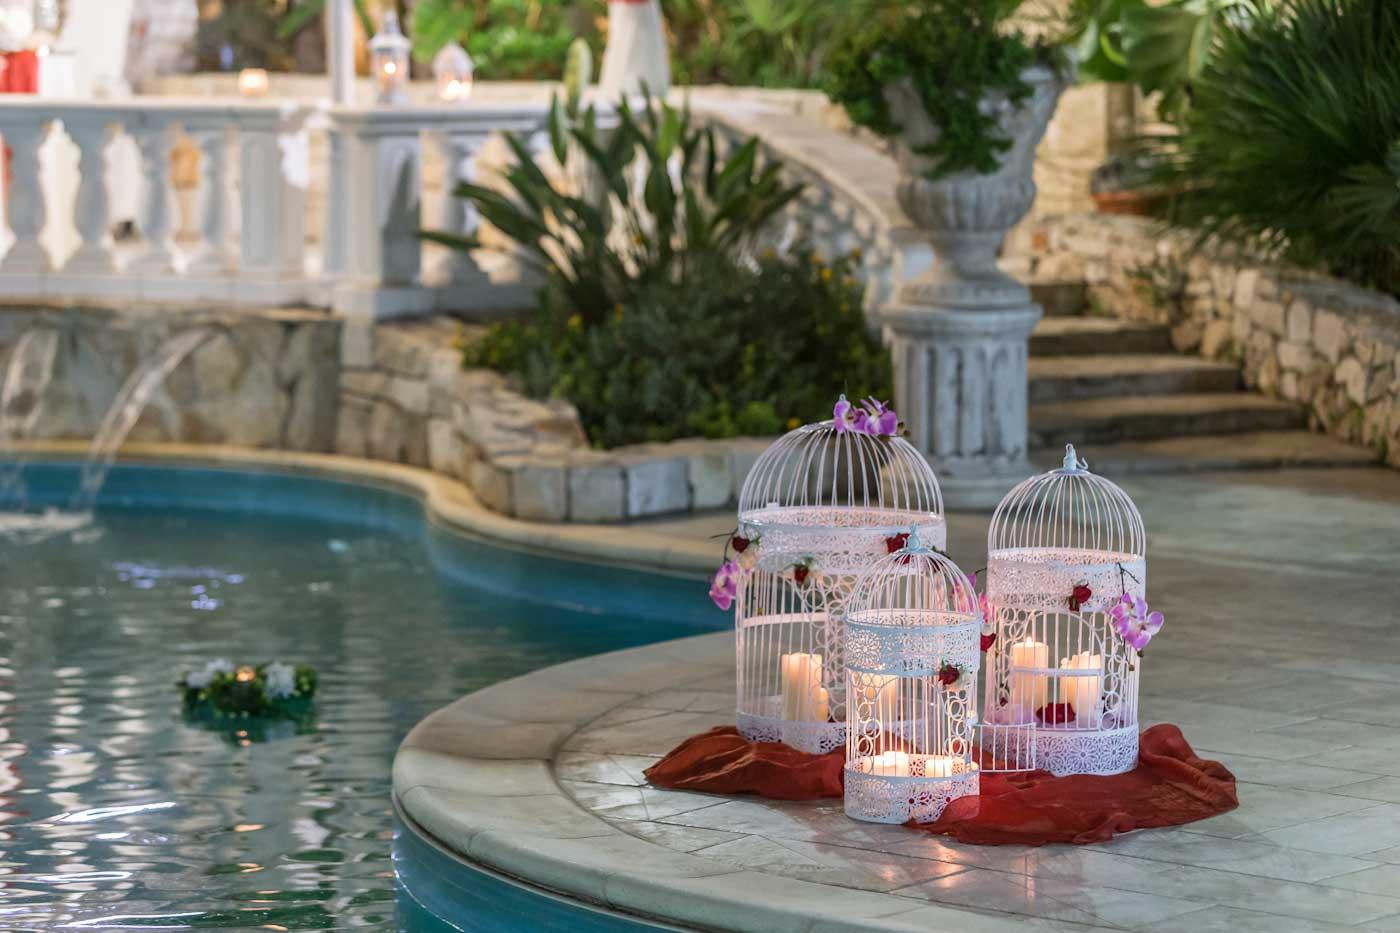 Location matrimonio in piscina una fresca opportunit for Addobbi piscina per matrimonio